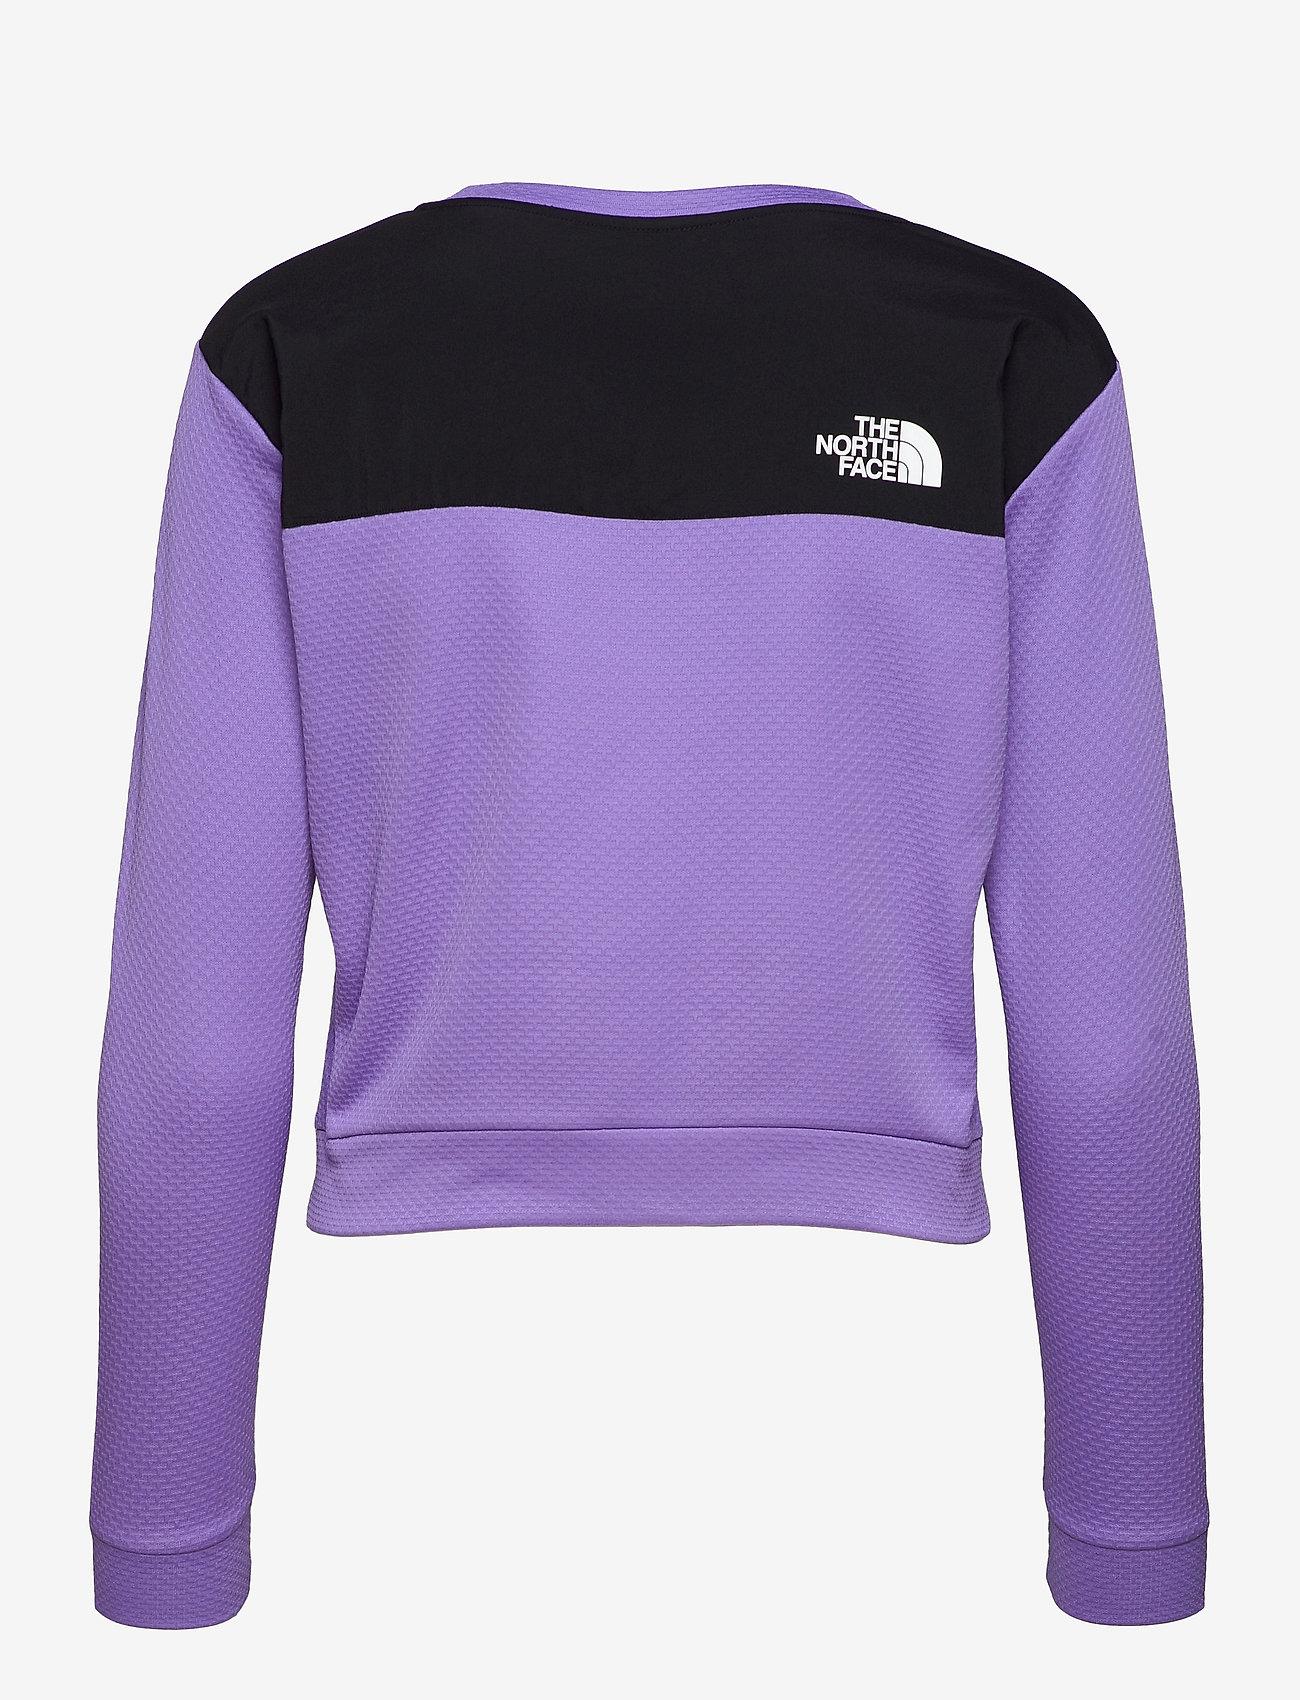 The North Face - W MA PULLOVER - EU - fleece - pop purple - 1